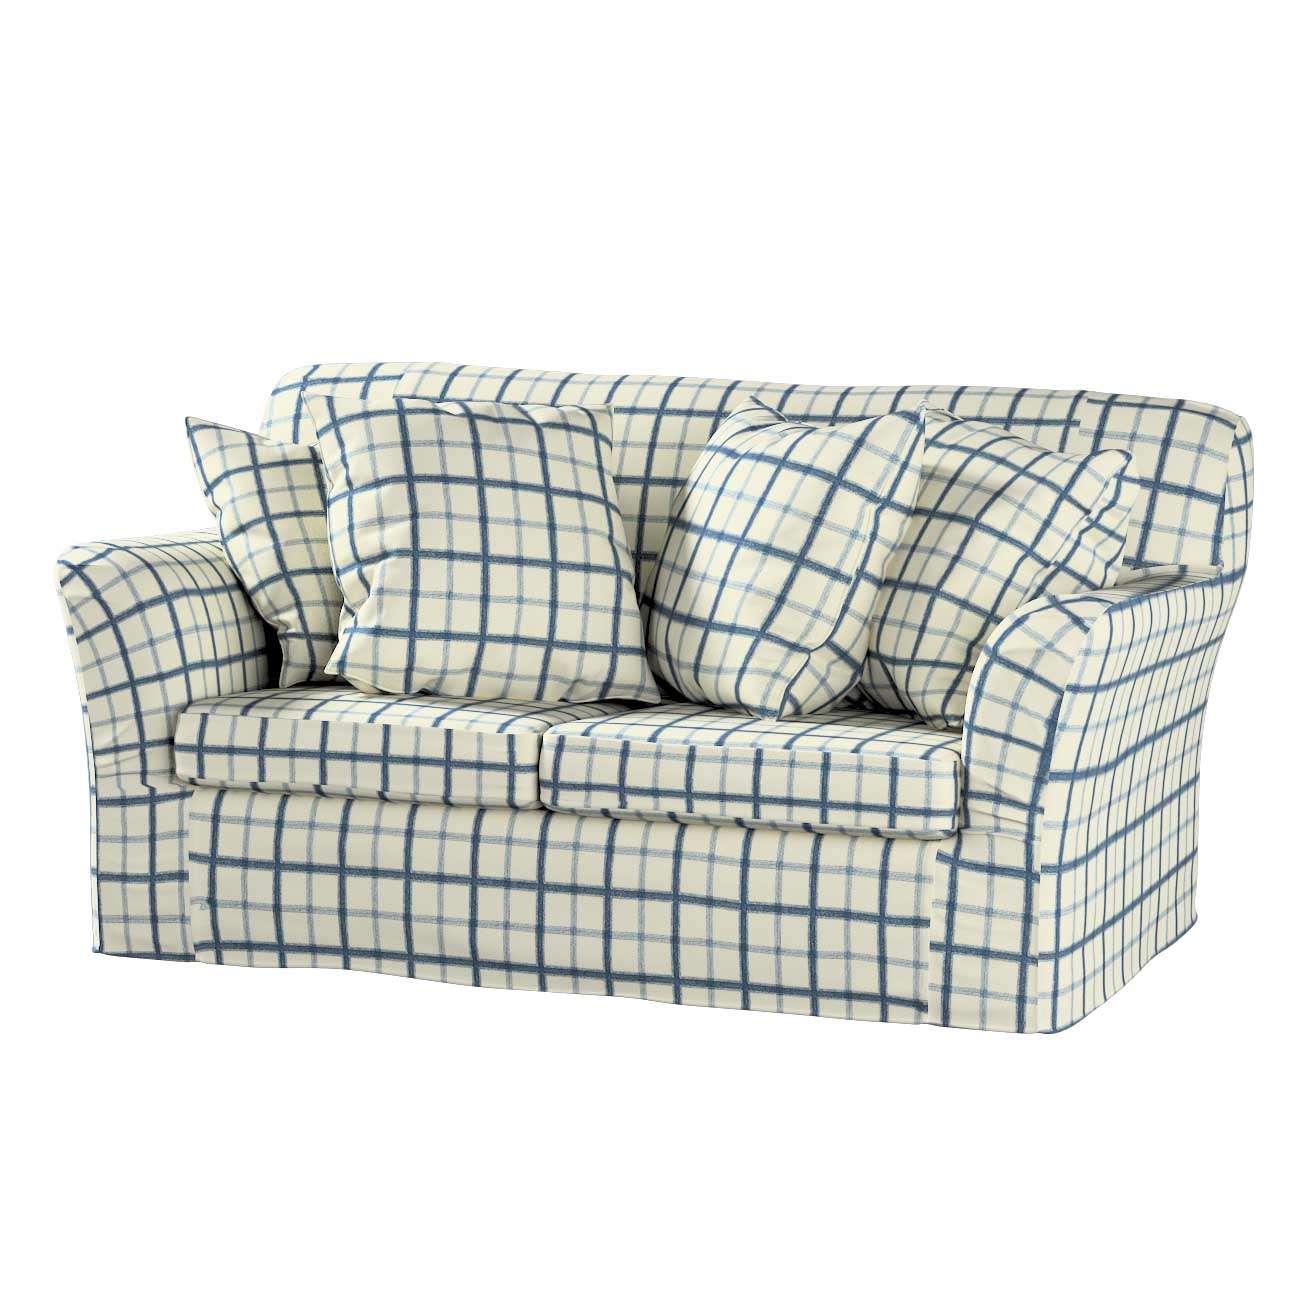 Tomelilla 2-Sitzer Sofabezug nicht ausklappbar Sofahusse, Tomelilla 2-Sitzer von der Kollektion Avinon, Stoff: 131-66